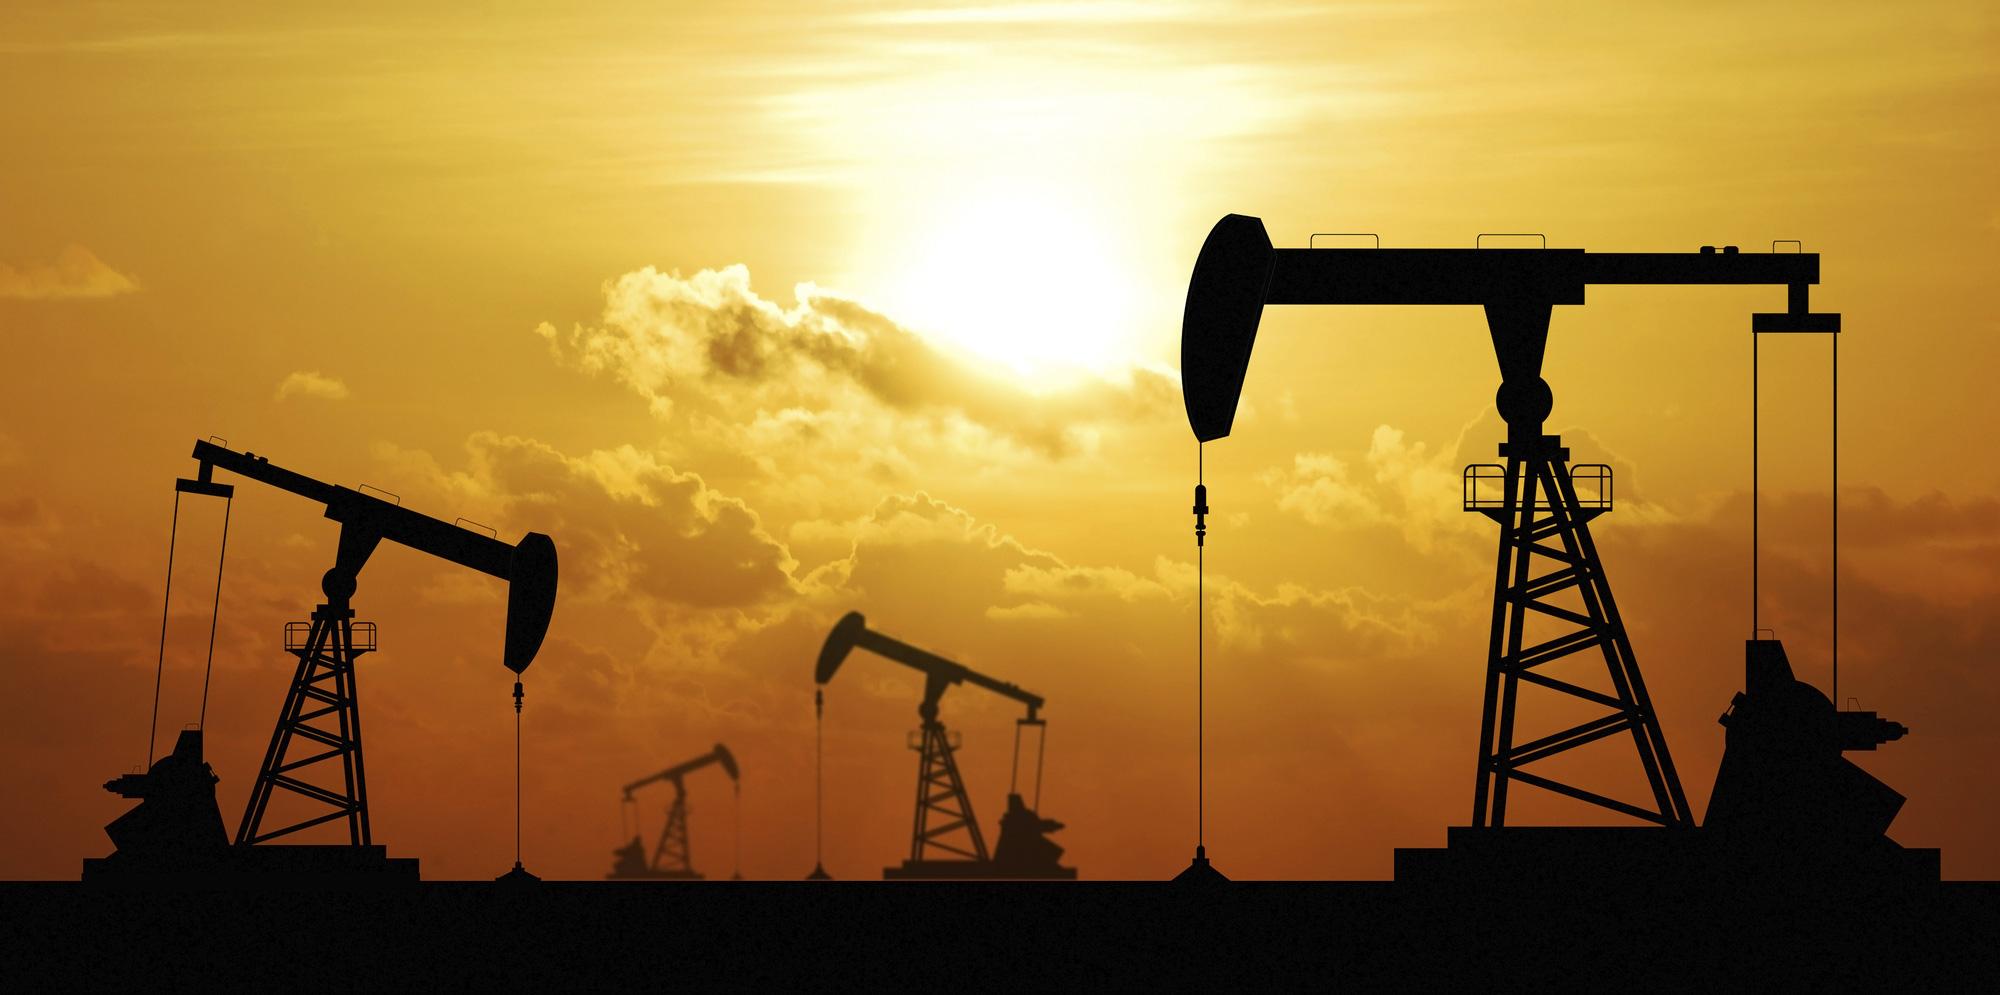 Bản tin năng lượng và kim loại ngày 9/4: Giá dầu phục hồi bất chấp tồn kho dầu thô tại Mỹ tăng kỉ lục - Ảnh 1.